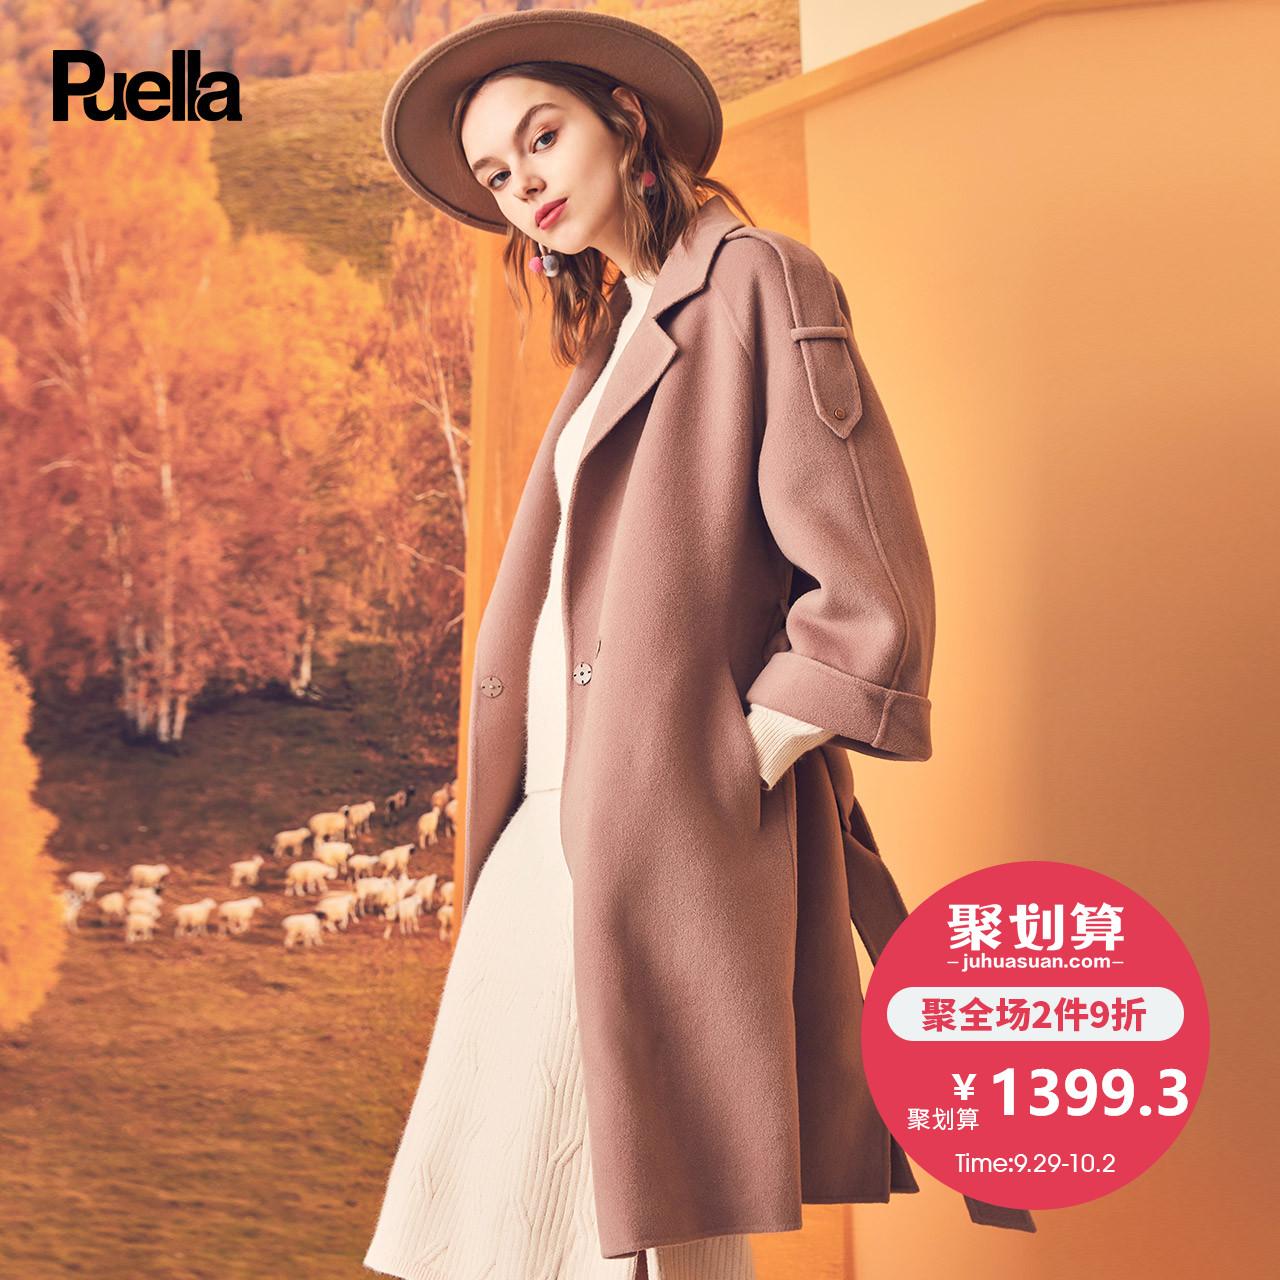 毛呢外套中长款韩版2018秋冬新款chic高端直筒七分袖呢加厚外套女